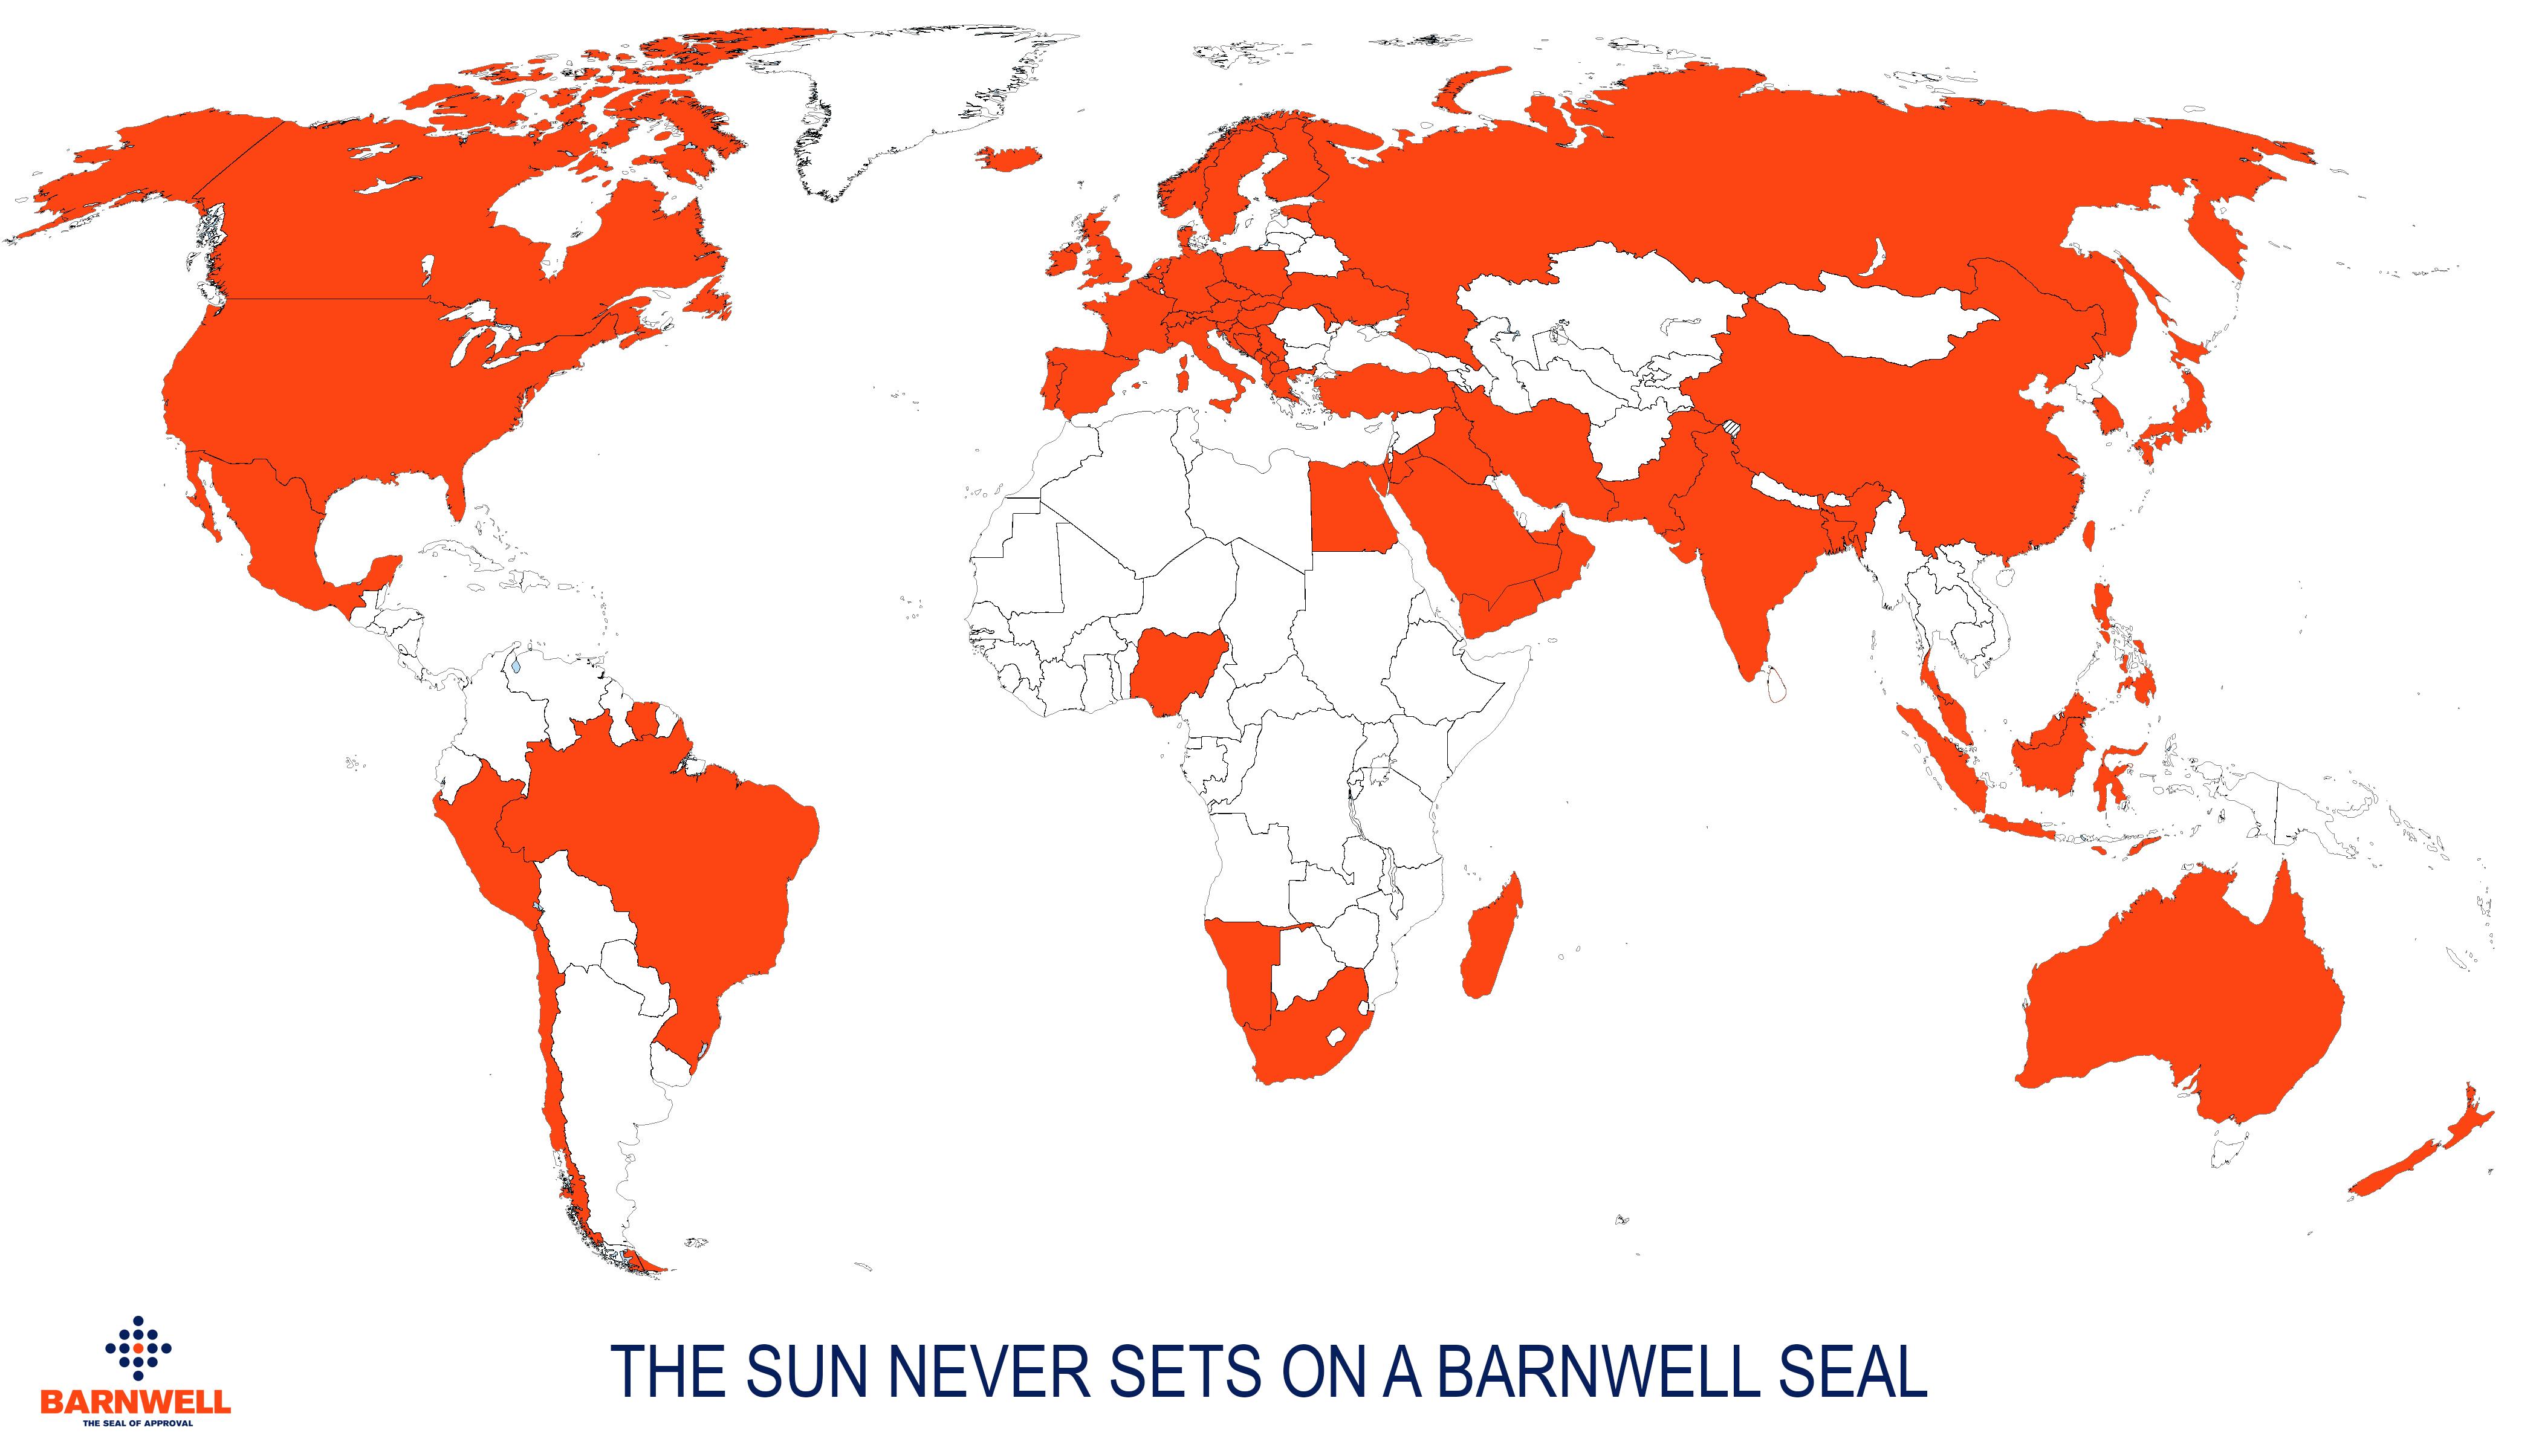 Barnwell Seal